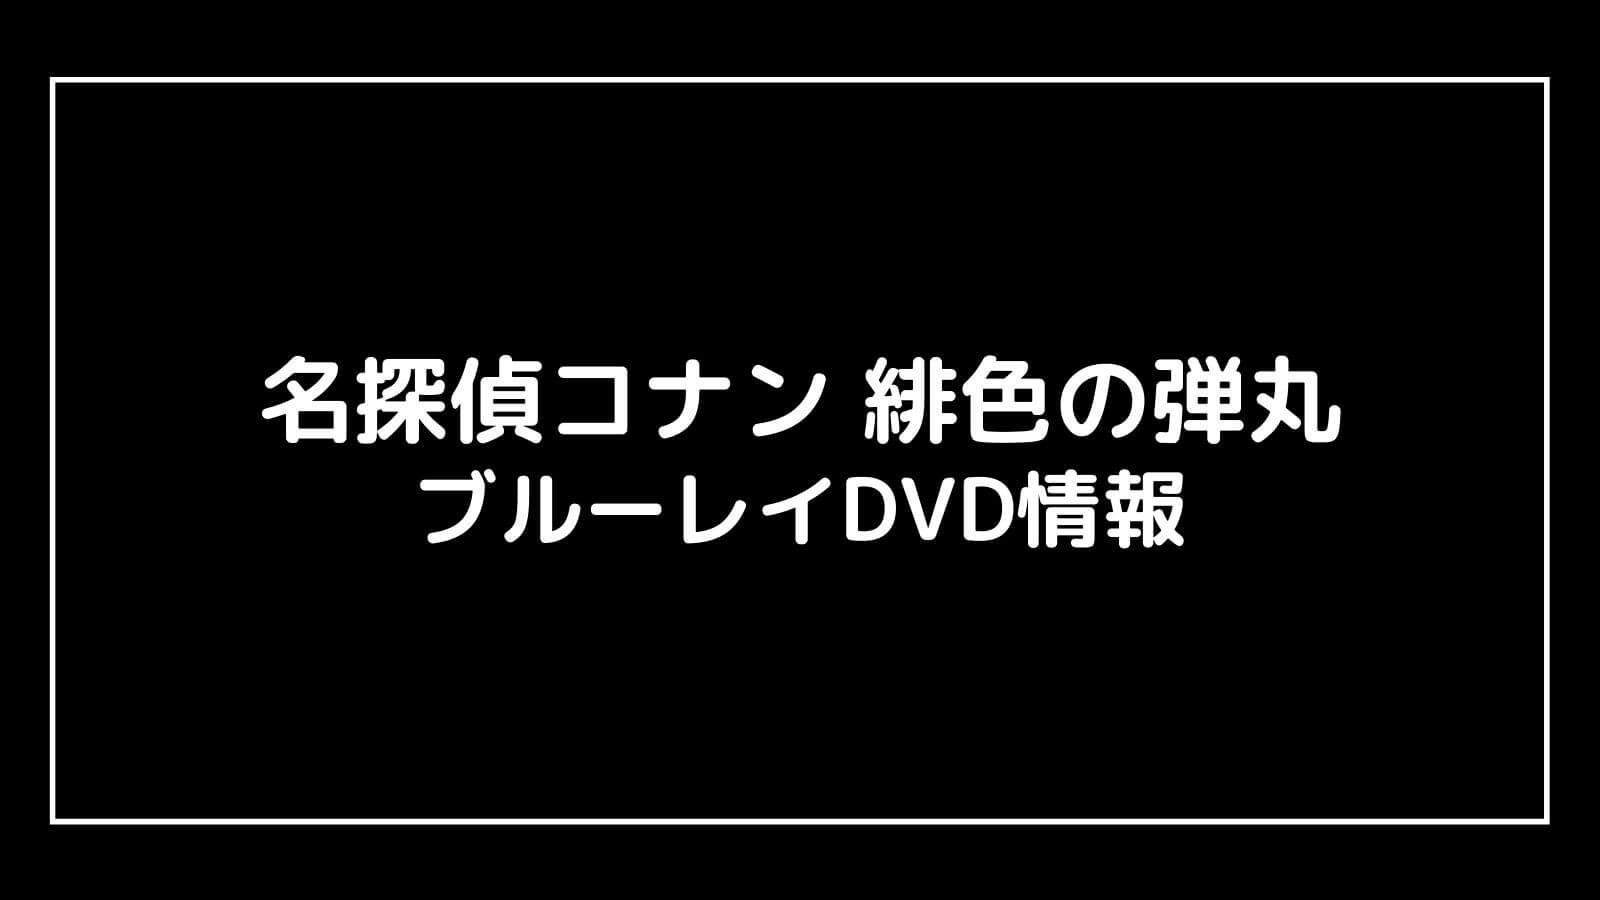 『名探偵コナン 緋色の弾丸』特典付きブルーレイDVDの発売日と予約開始日はいつ?元映画館社員が予想